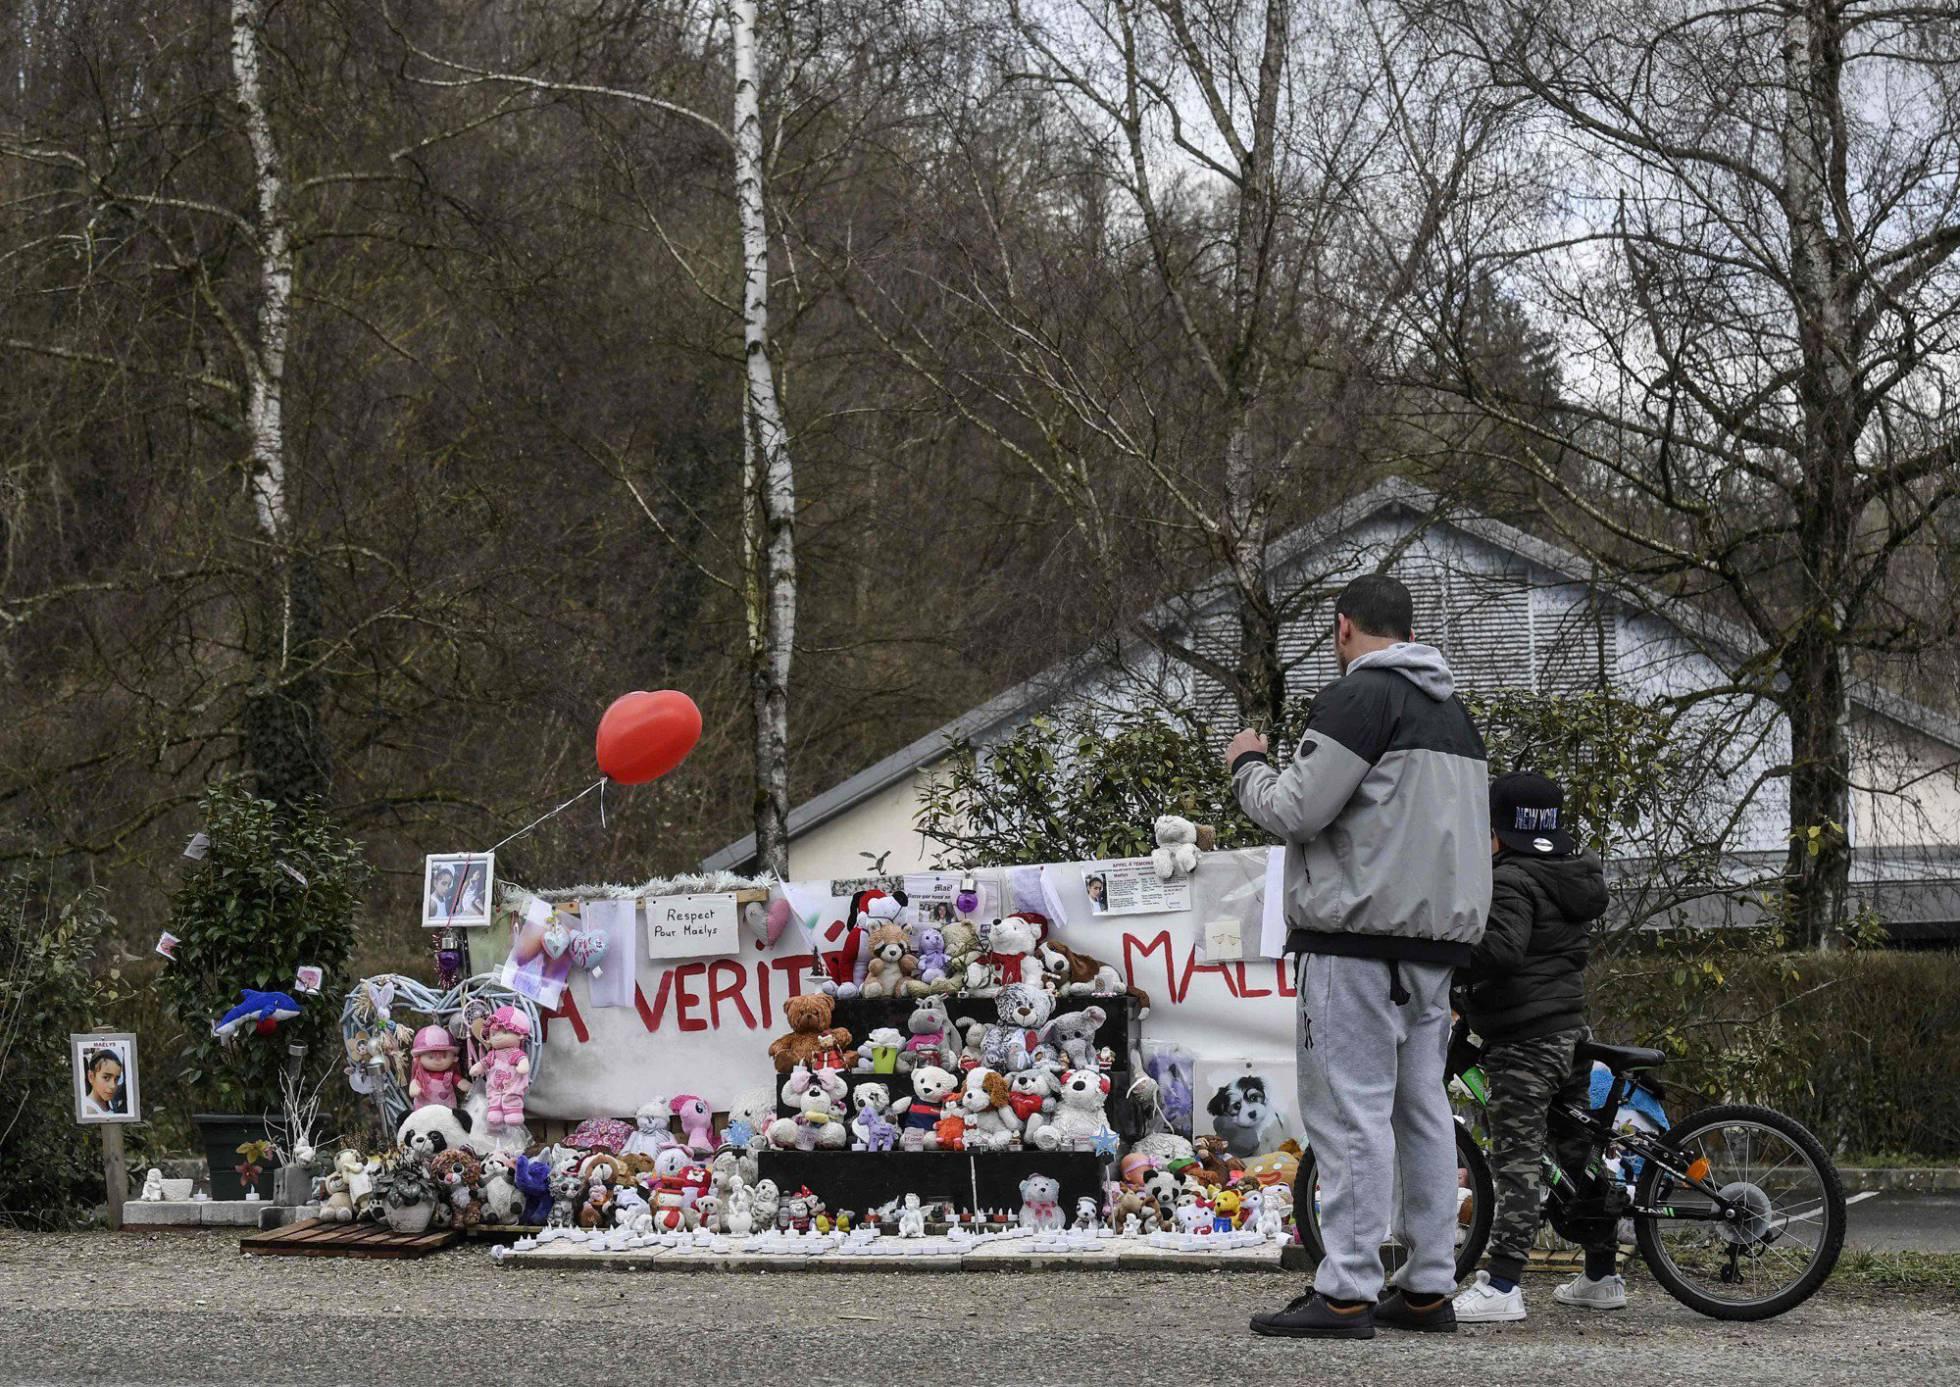 Hallados los restos de Maëlys, la niña francesa desaparecida en una boda en agosto